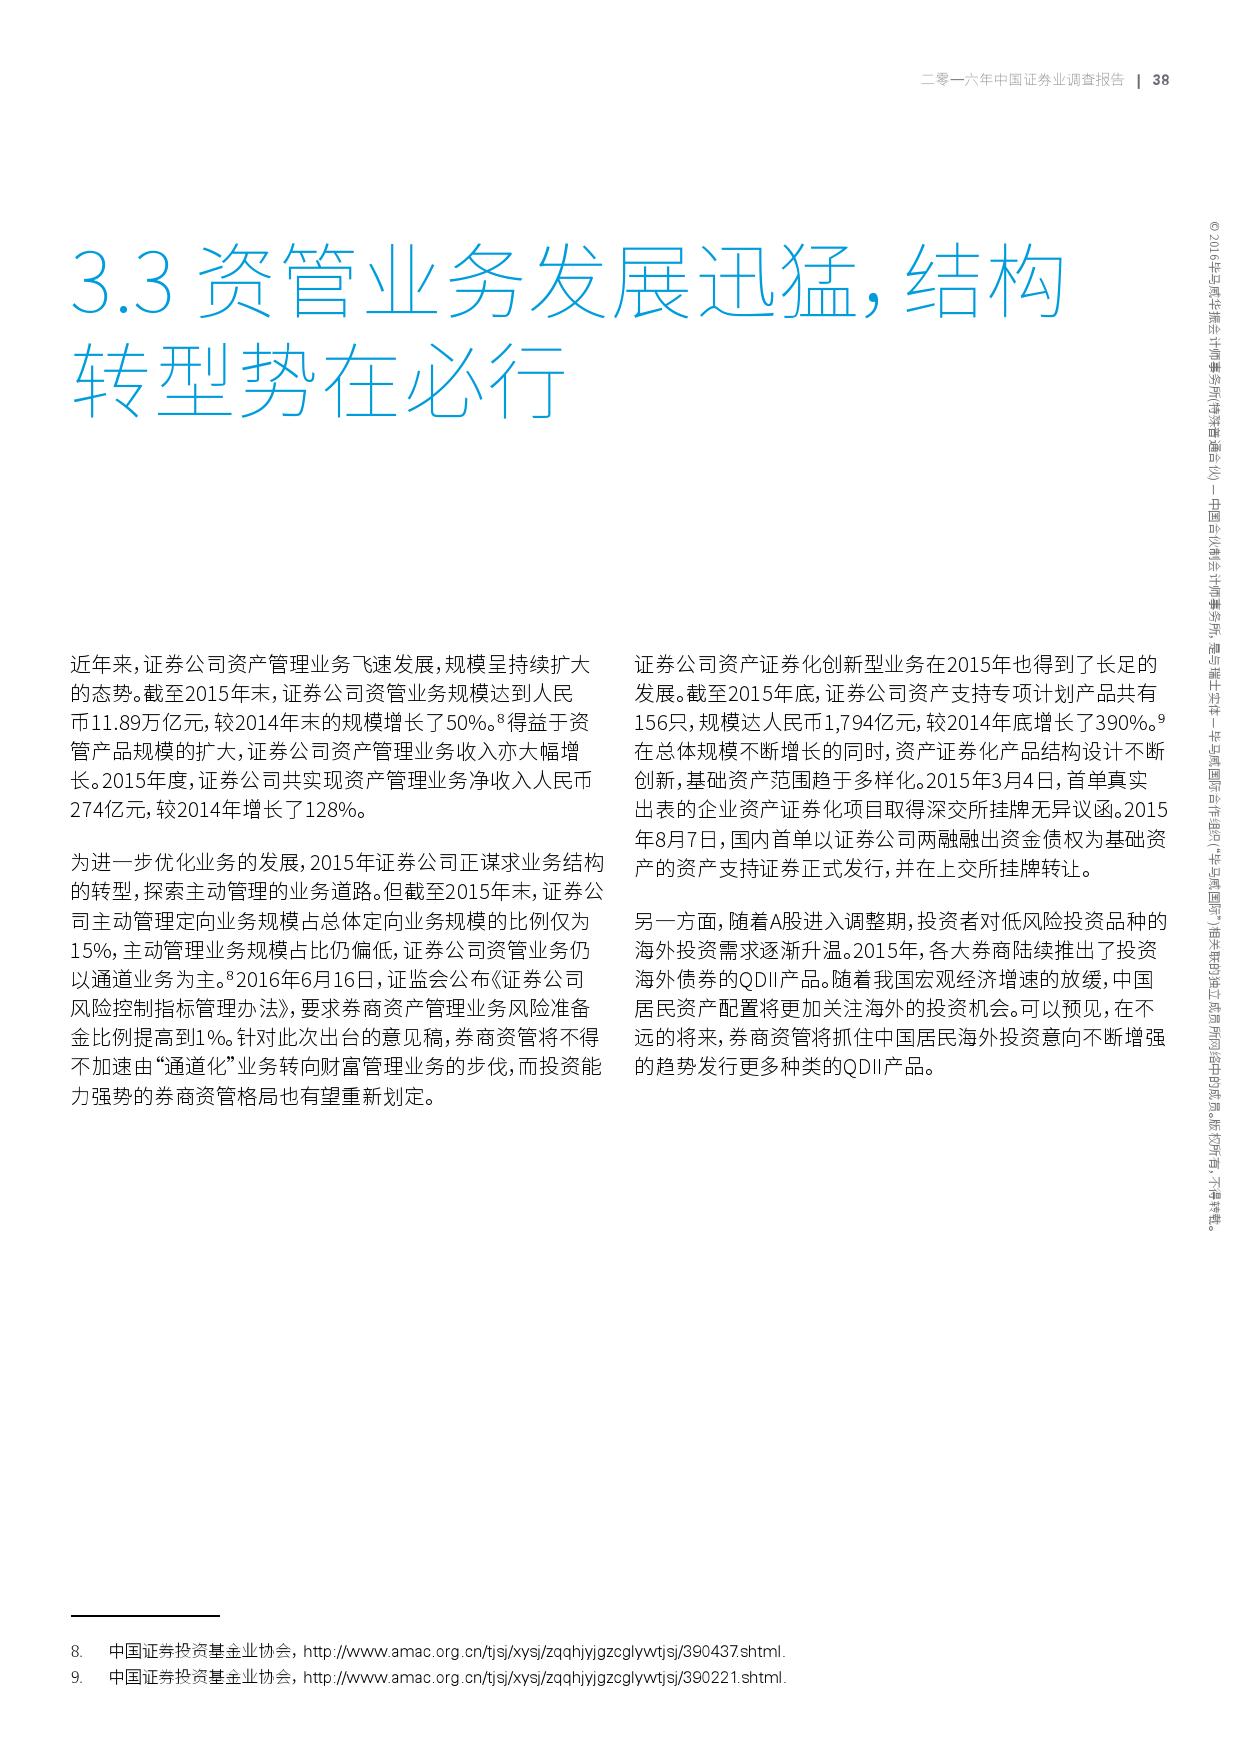 2016年中国证券业调查报告_000041